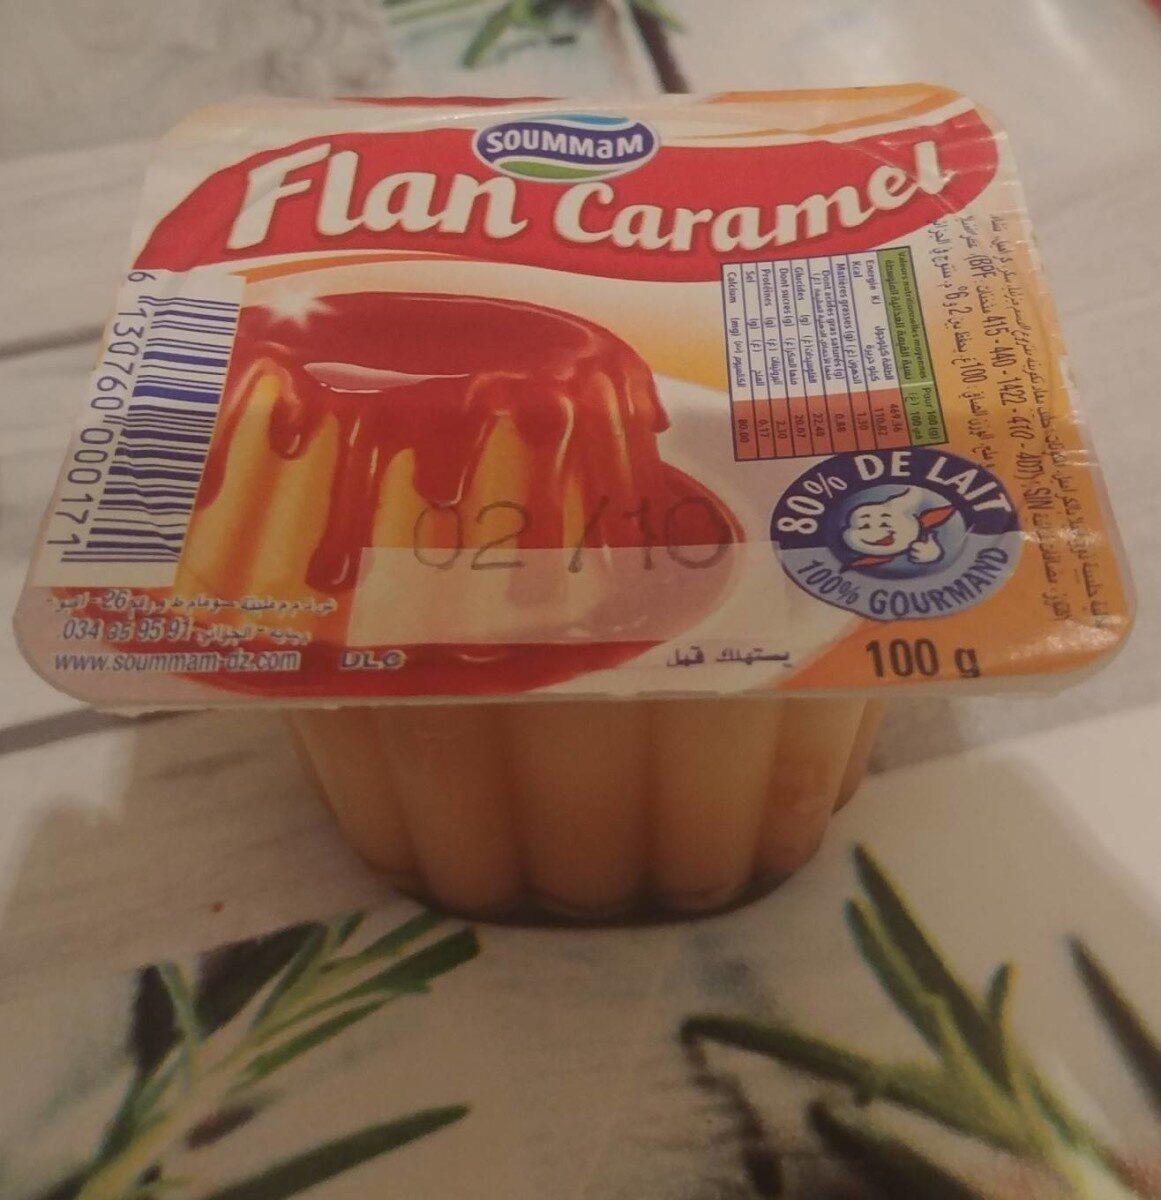 Flan caramel soummam - Produto - fr